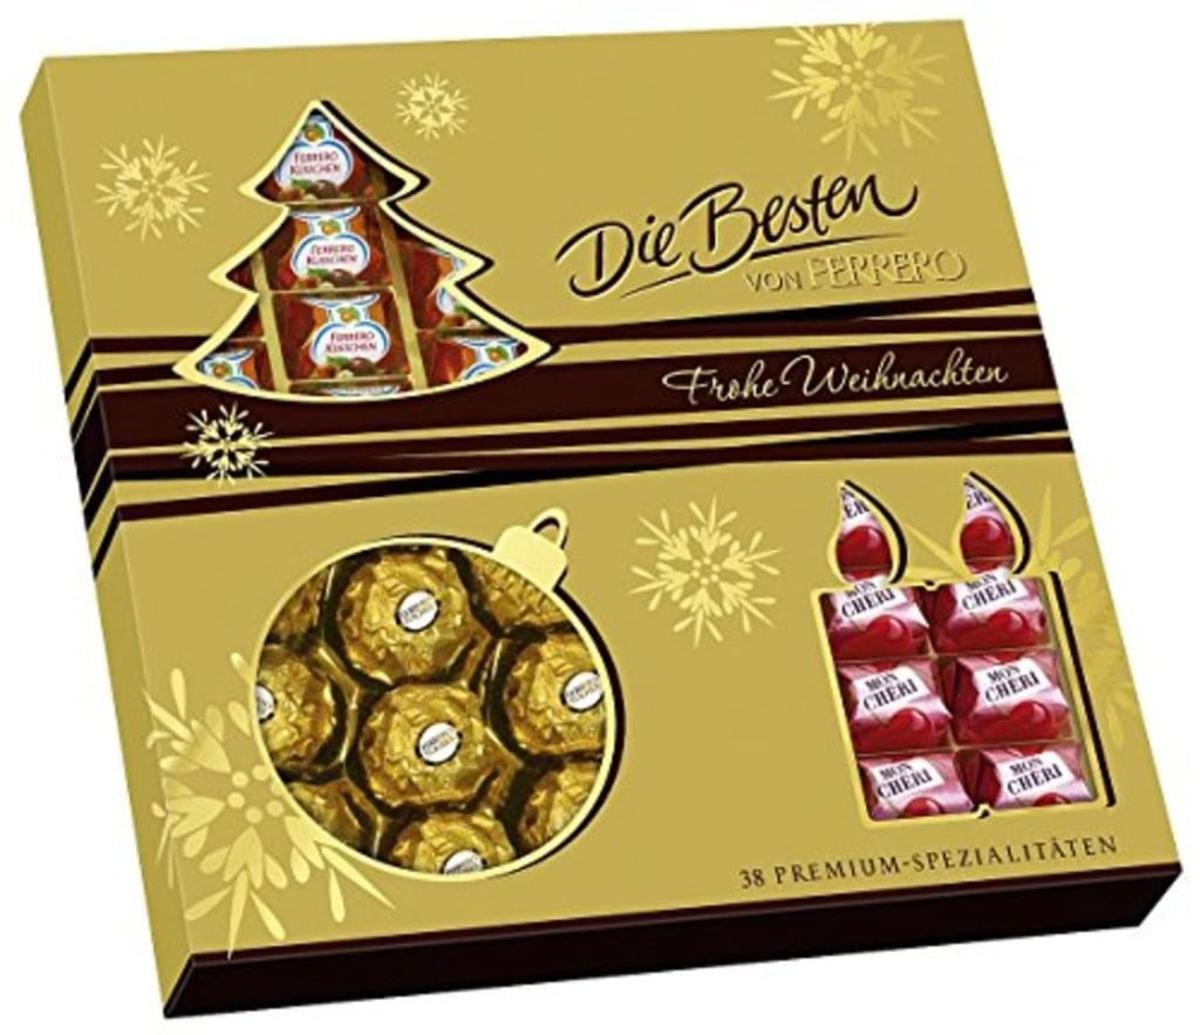 Bild 3 von Ferrero Die Besten Weihnachten 400 g